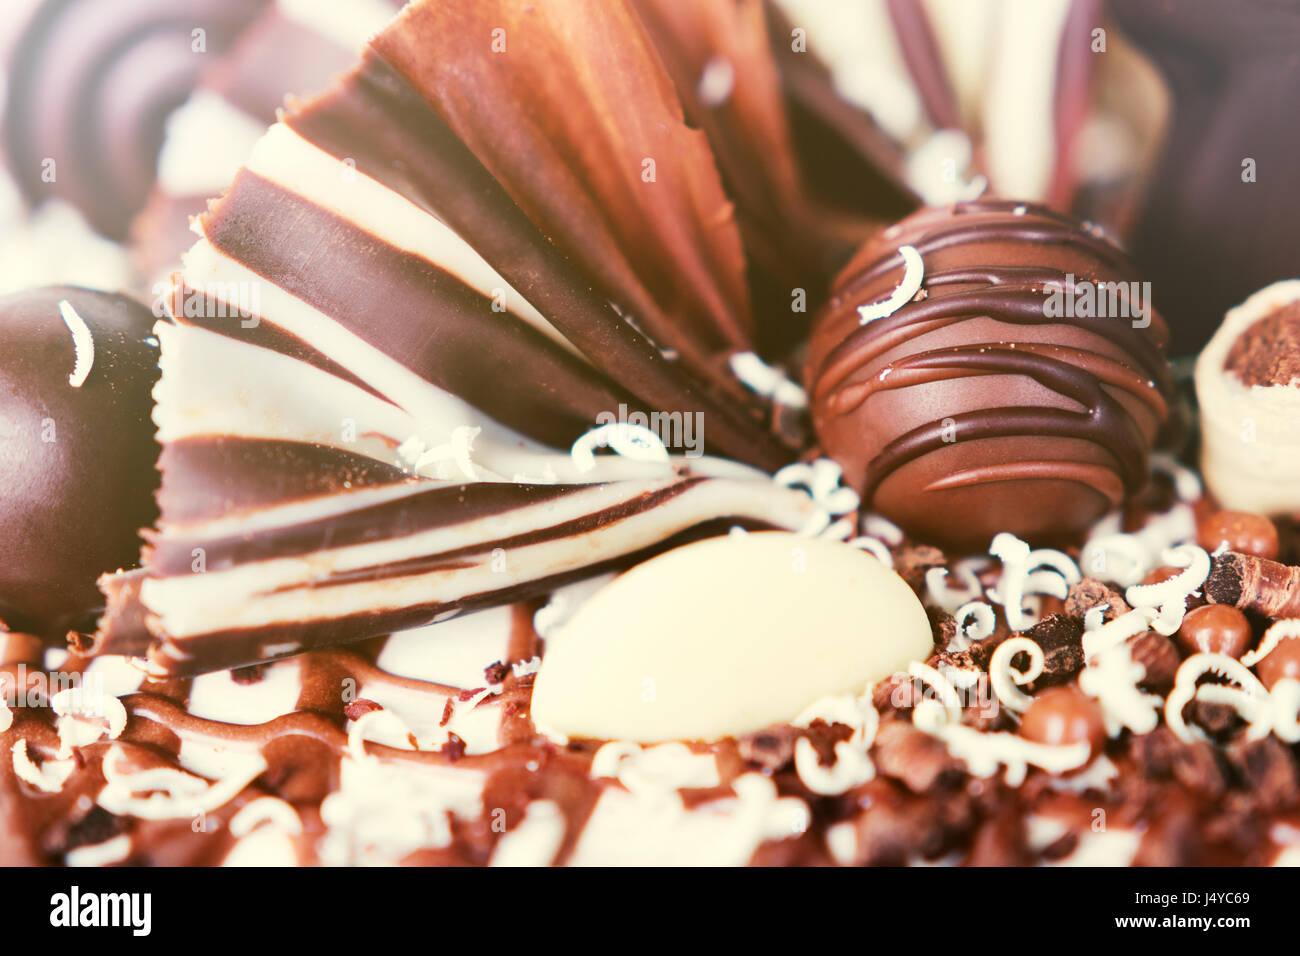 Torta de Chocolate, Detalles de la decoración. Imagen De Stock